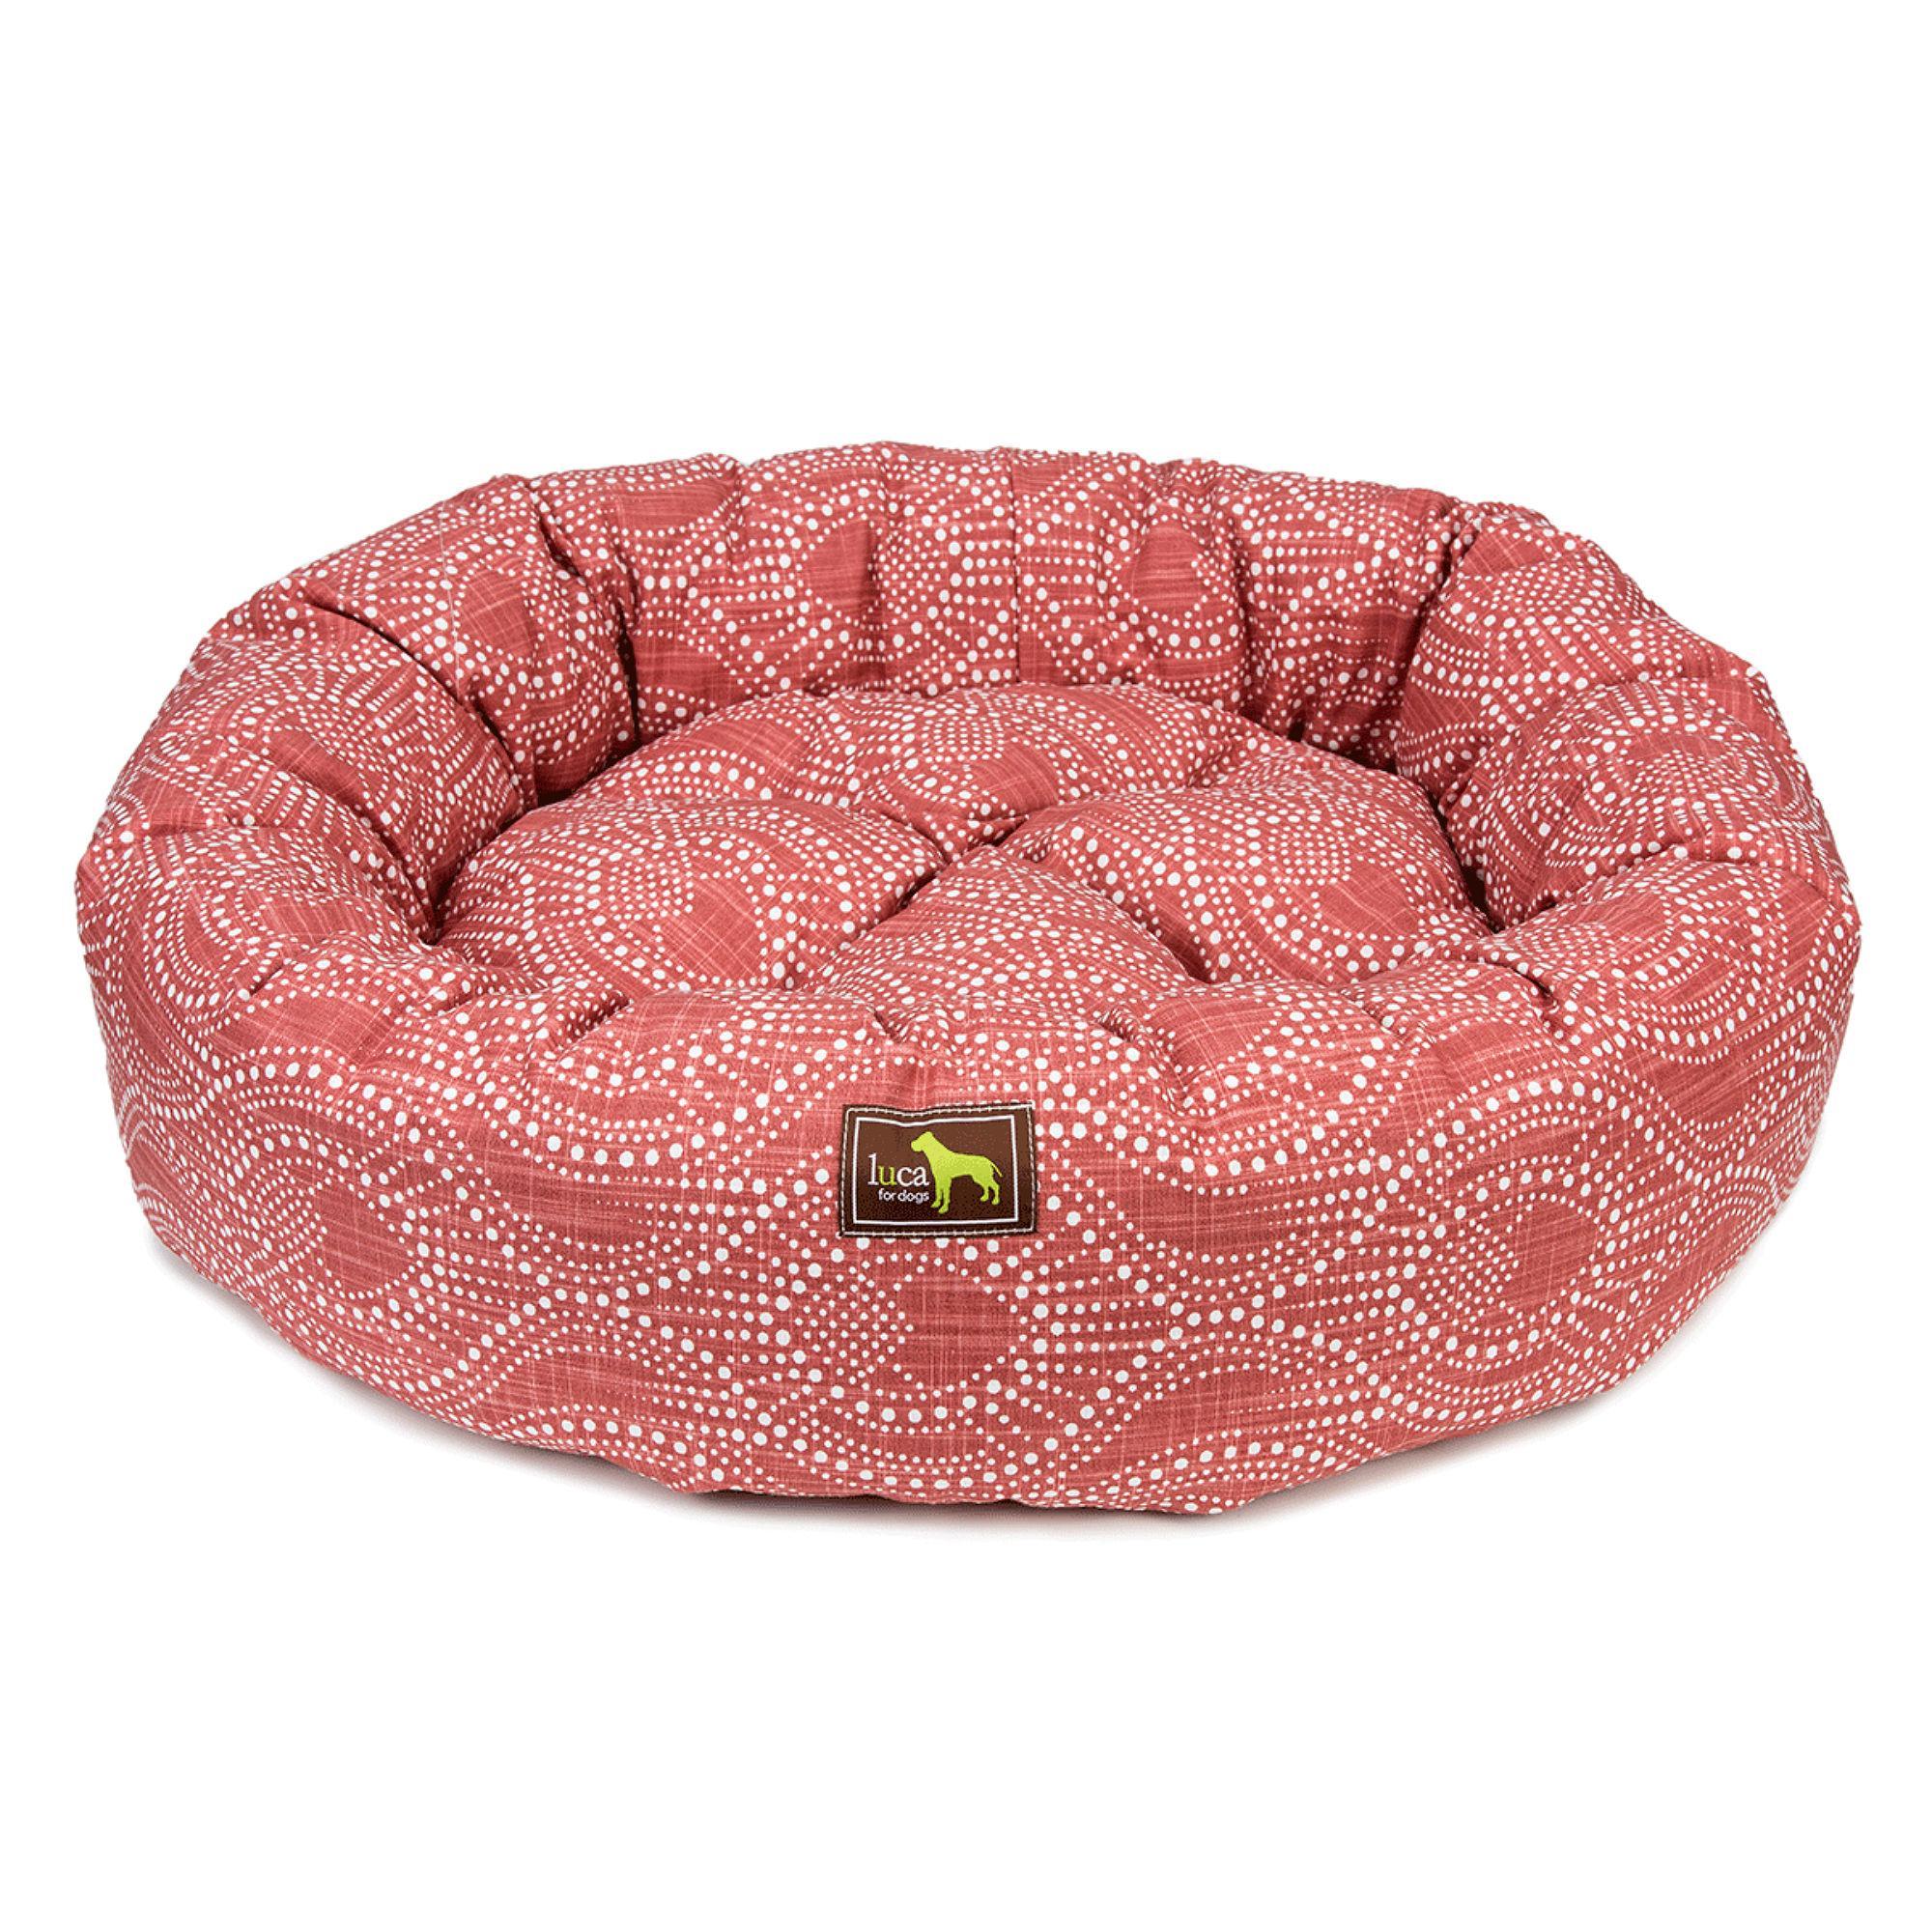 Luca Nest Dog Bed - Scarlet